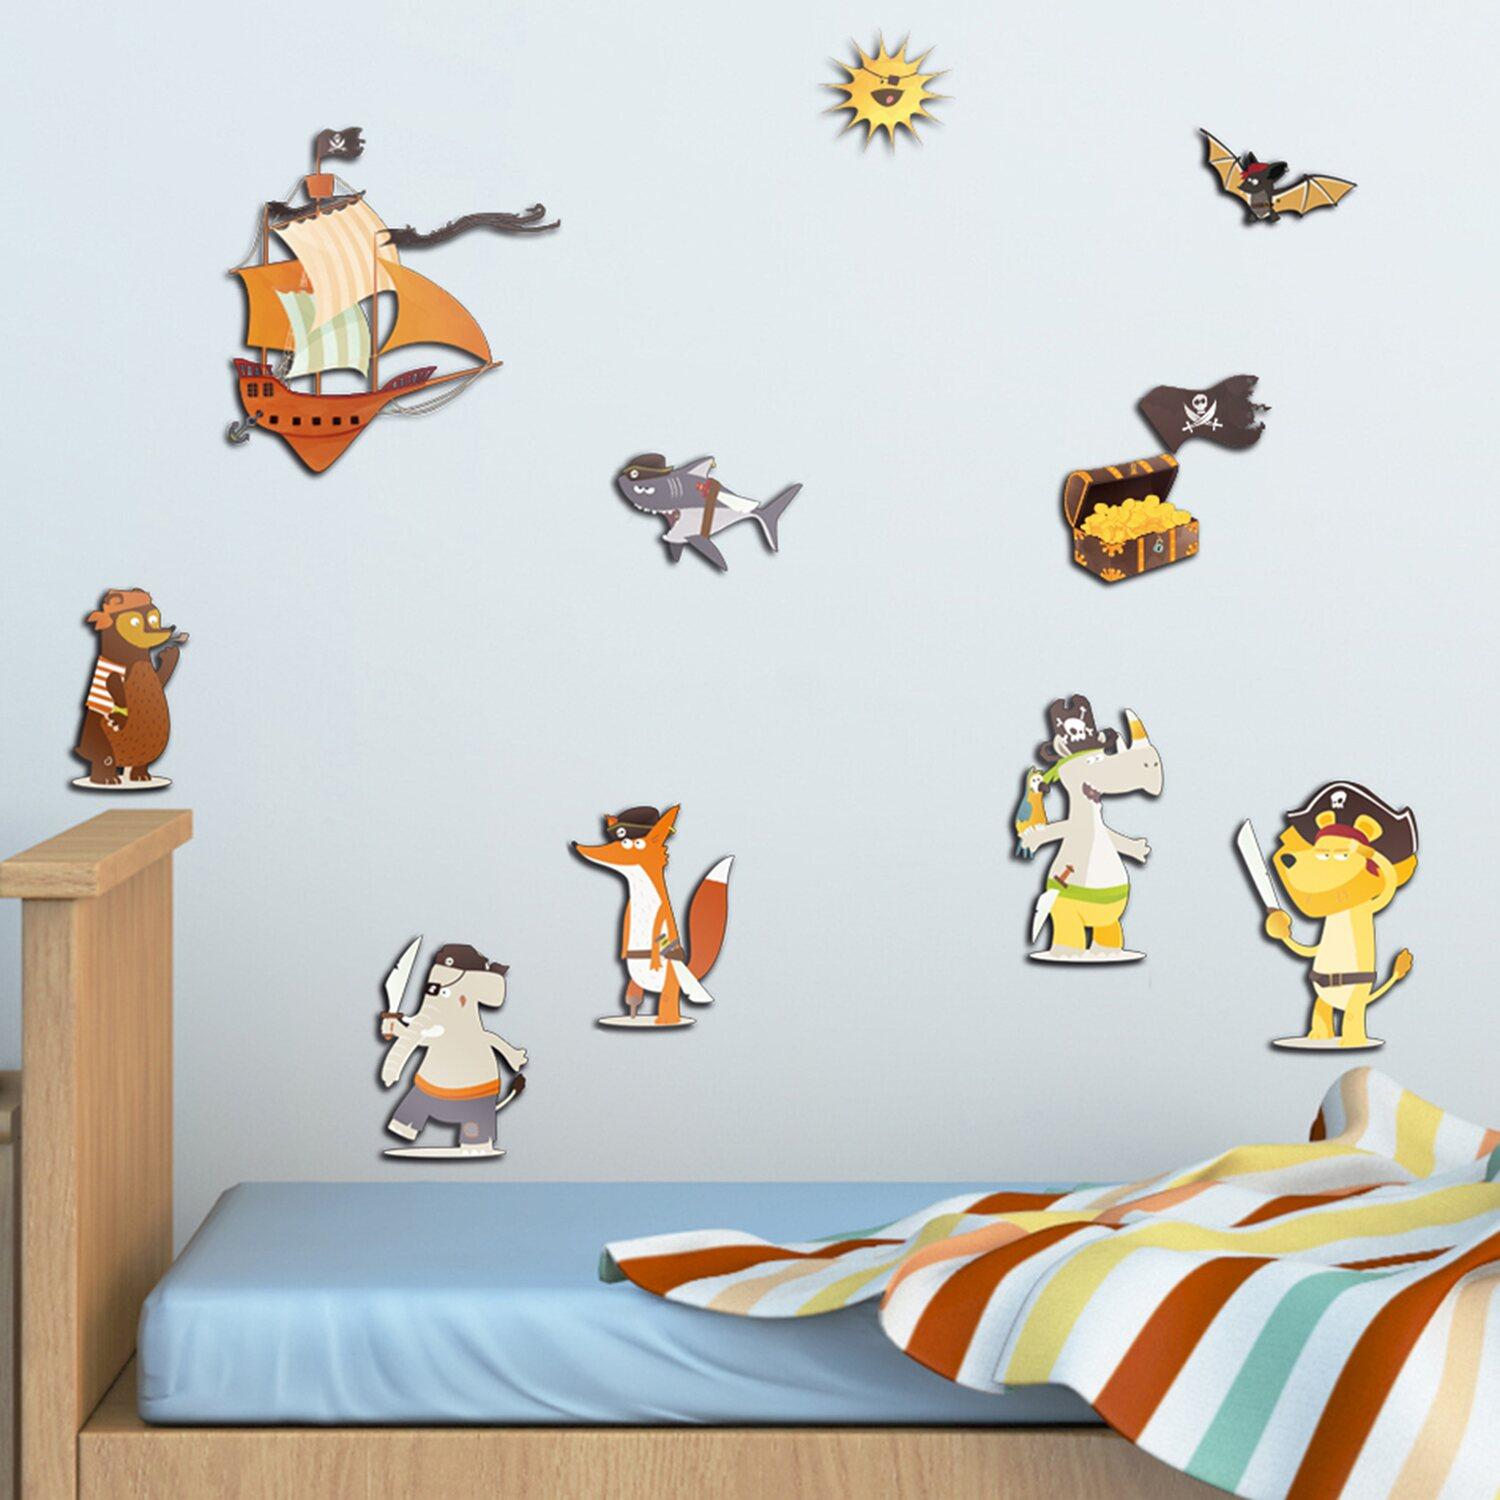 Decorazioni adesive per pareti 3l con effetto in 3d pirates acquista da obi - Tavole adesive per pareti 3d ...